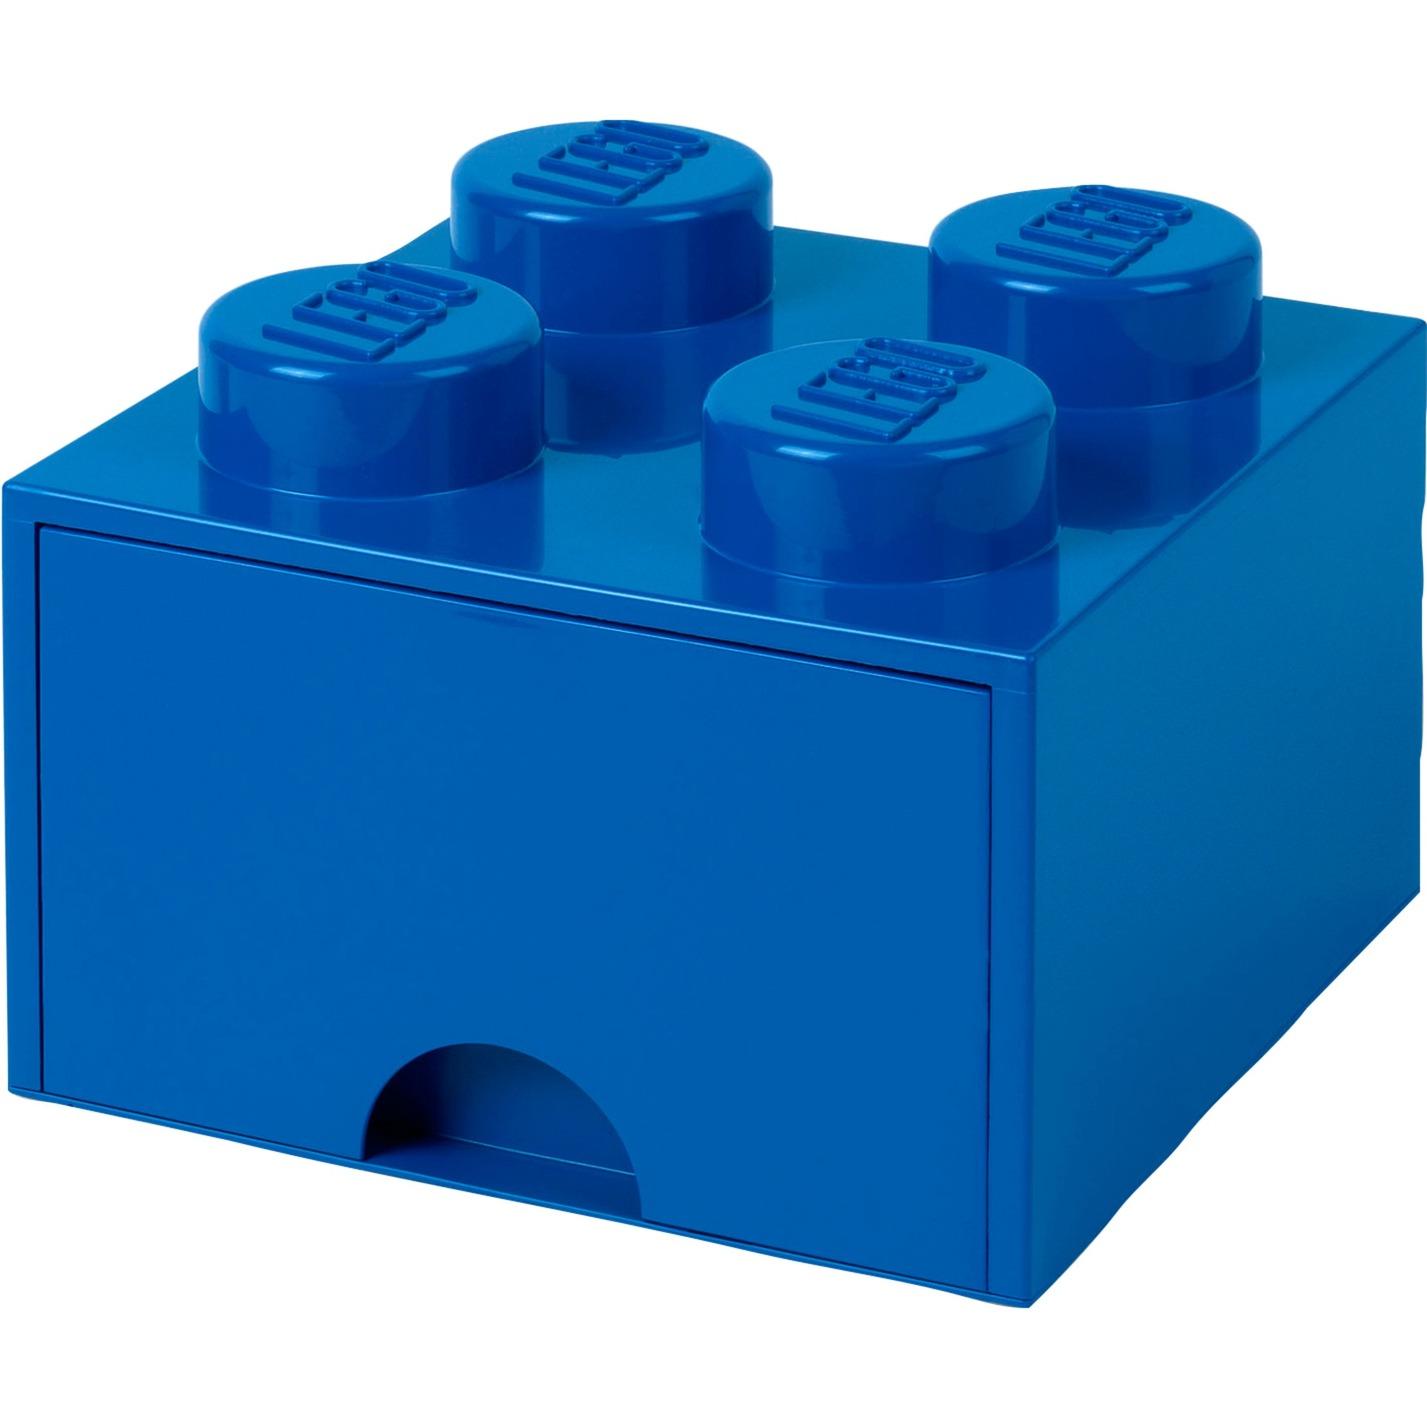 Ladrillo de almacenamiento LEGO (4 espigas) - 1 cajón - Azul